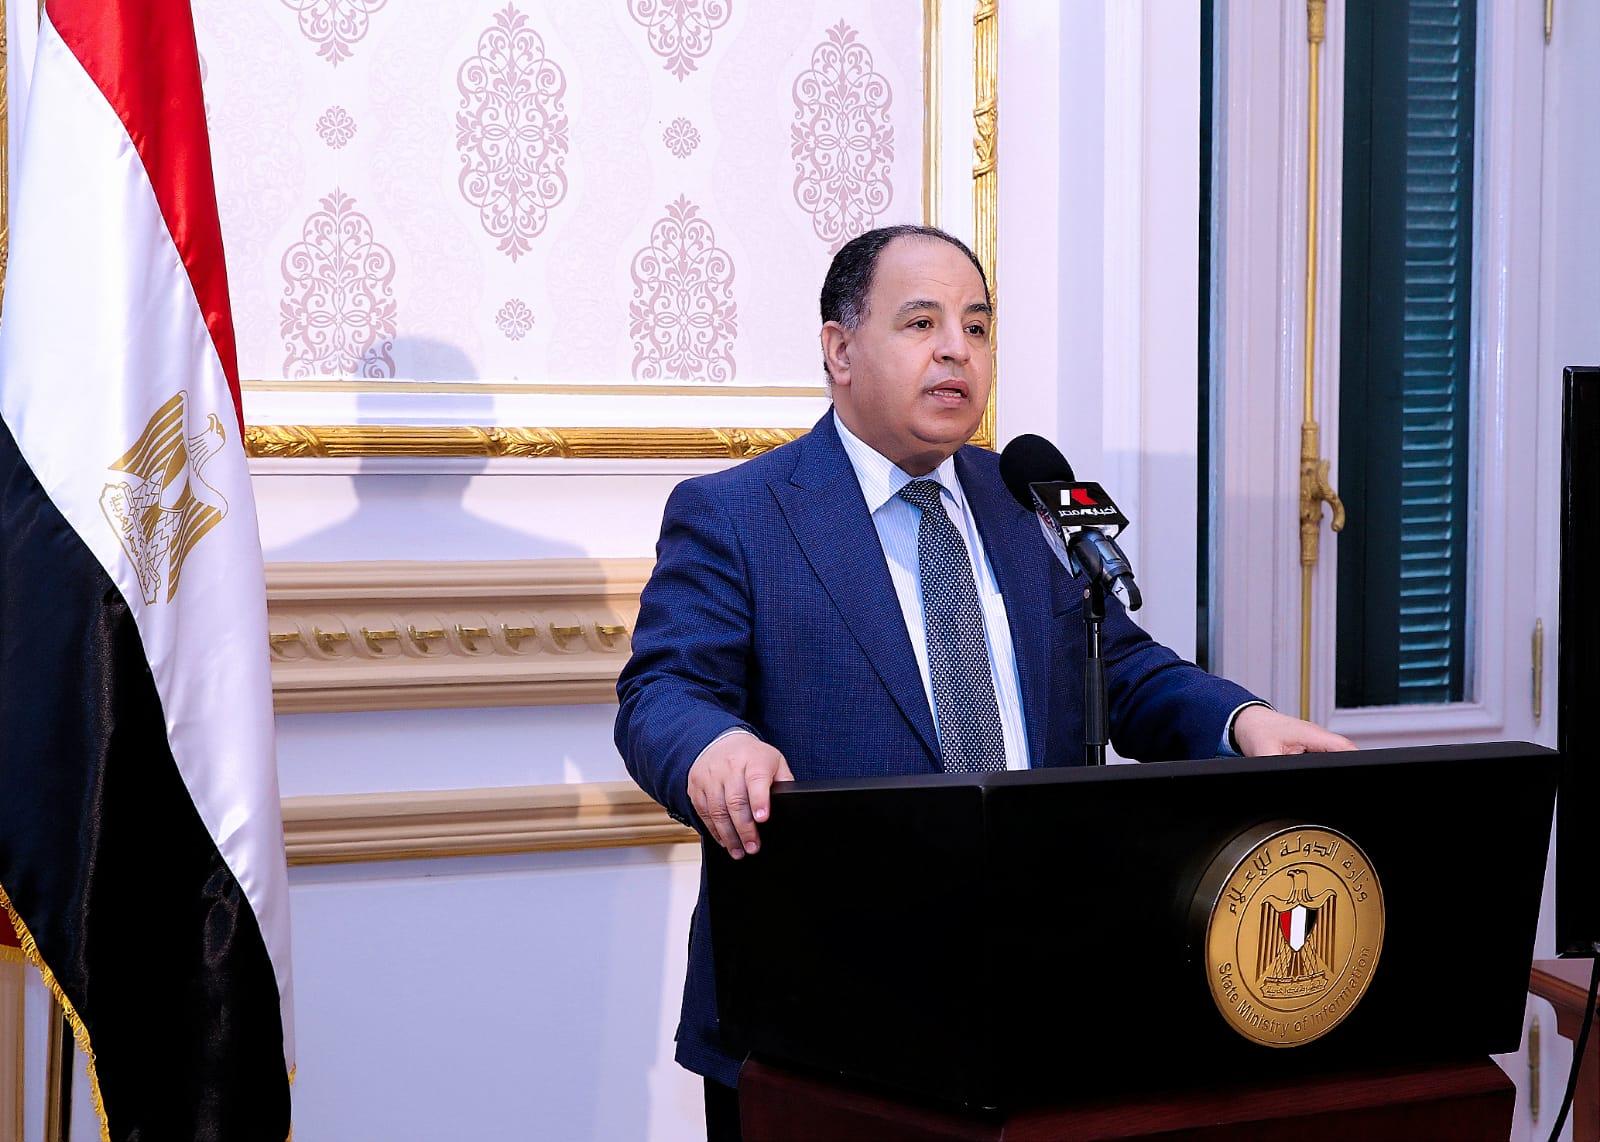 المالية: ارتفاع إيرادات مصر لتصل إلى 453 مليار جنيه خلال النصف الأول من 2020